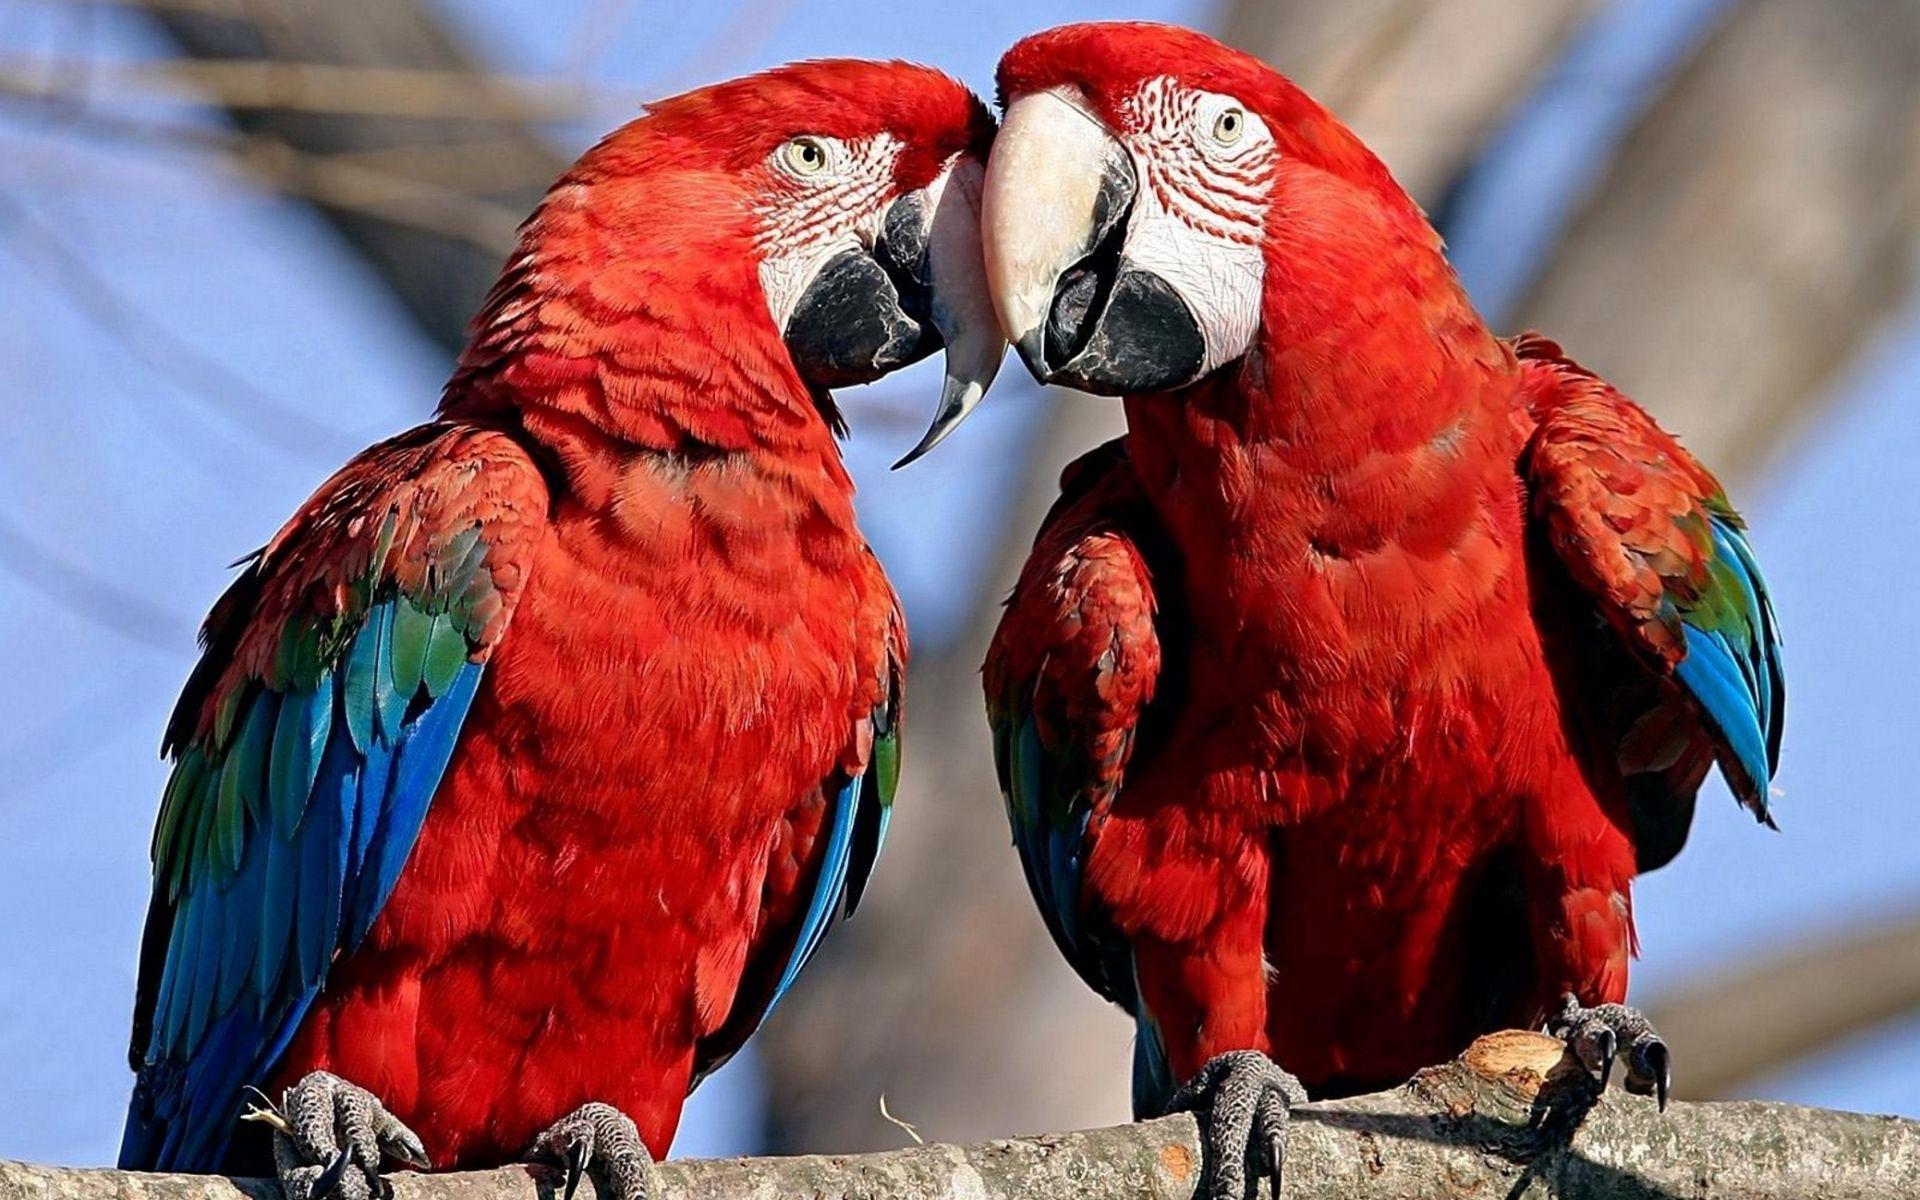 78534 Заставки и Обои Попугаи на телефон. Скачать Попугаи, Животные, Перья, Пара, Окрас, Забота, Нежность картинки бесплатно